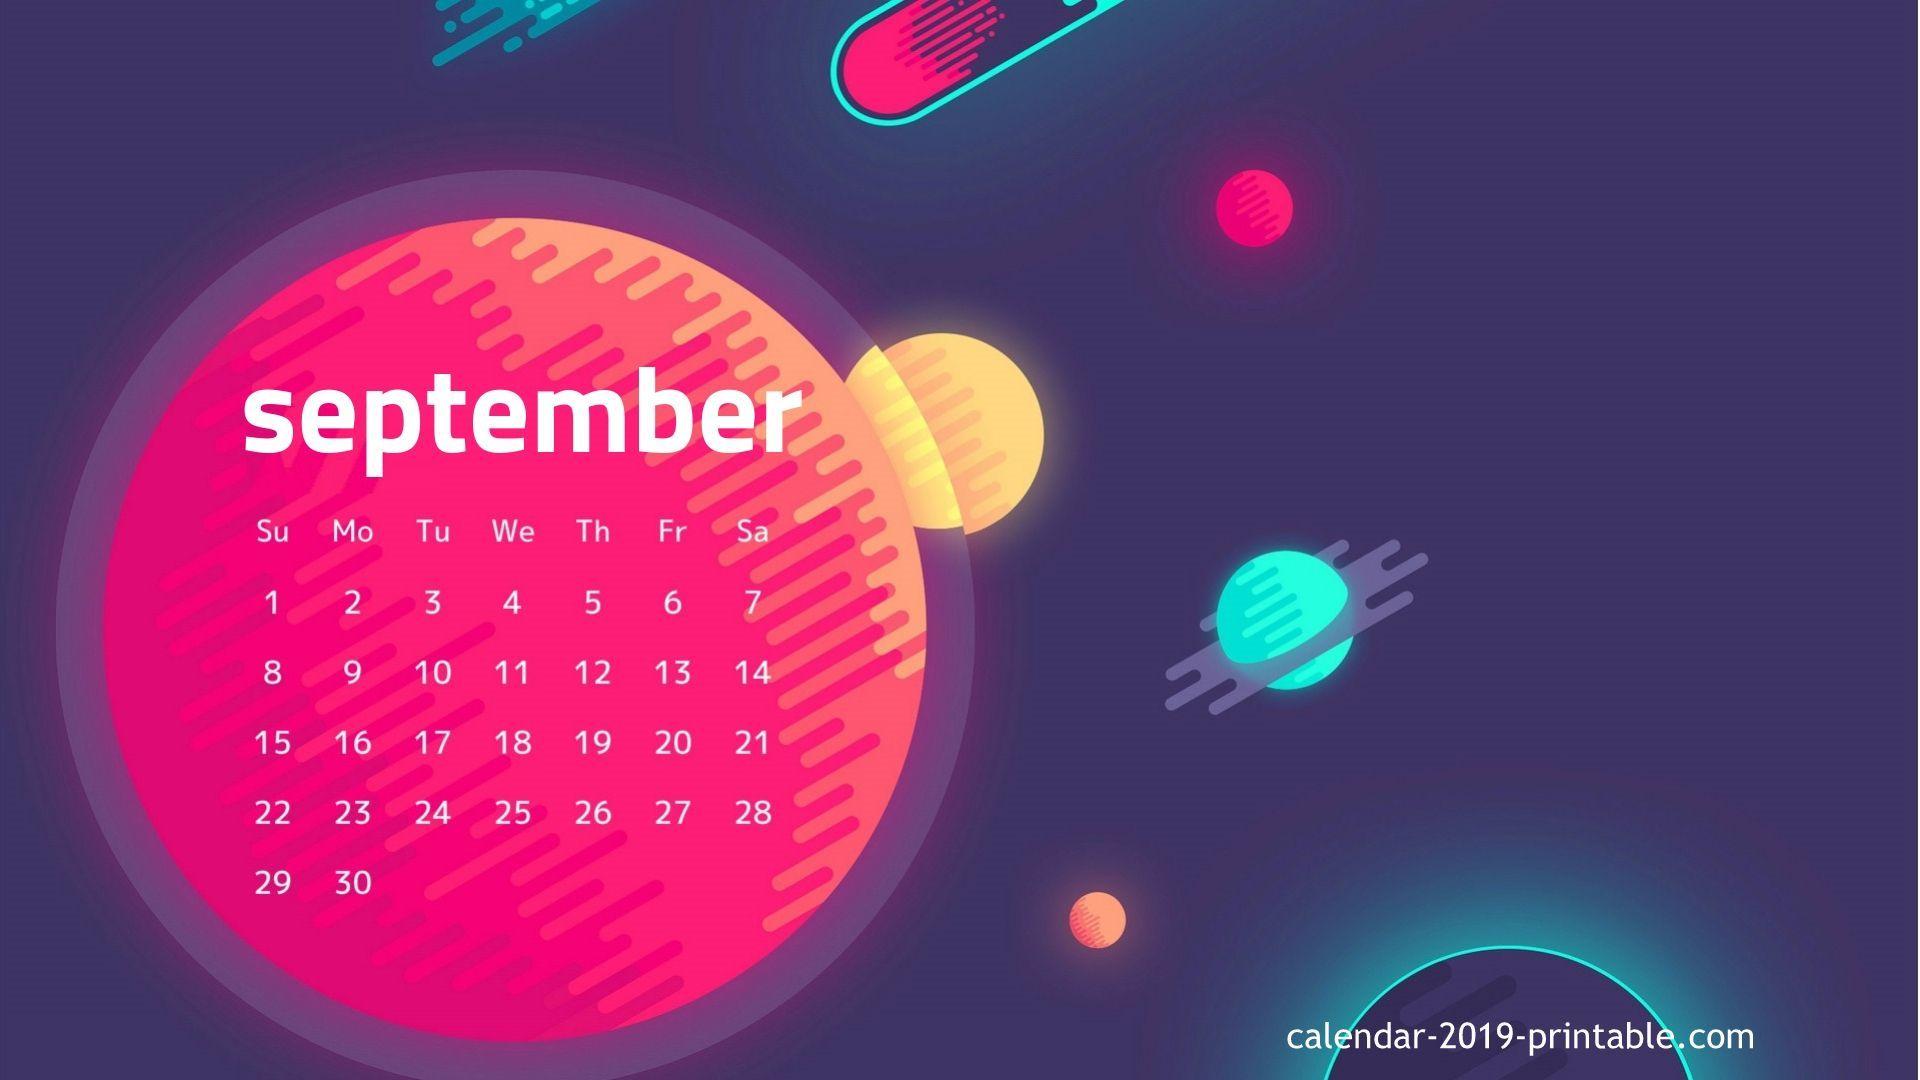 september 2019 hd wallpaper calendar 2019 Calendars in 2019 1920x1080